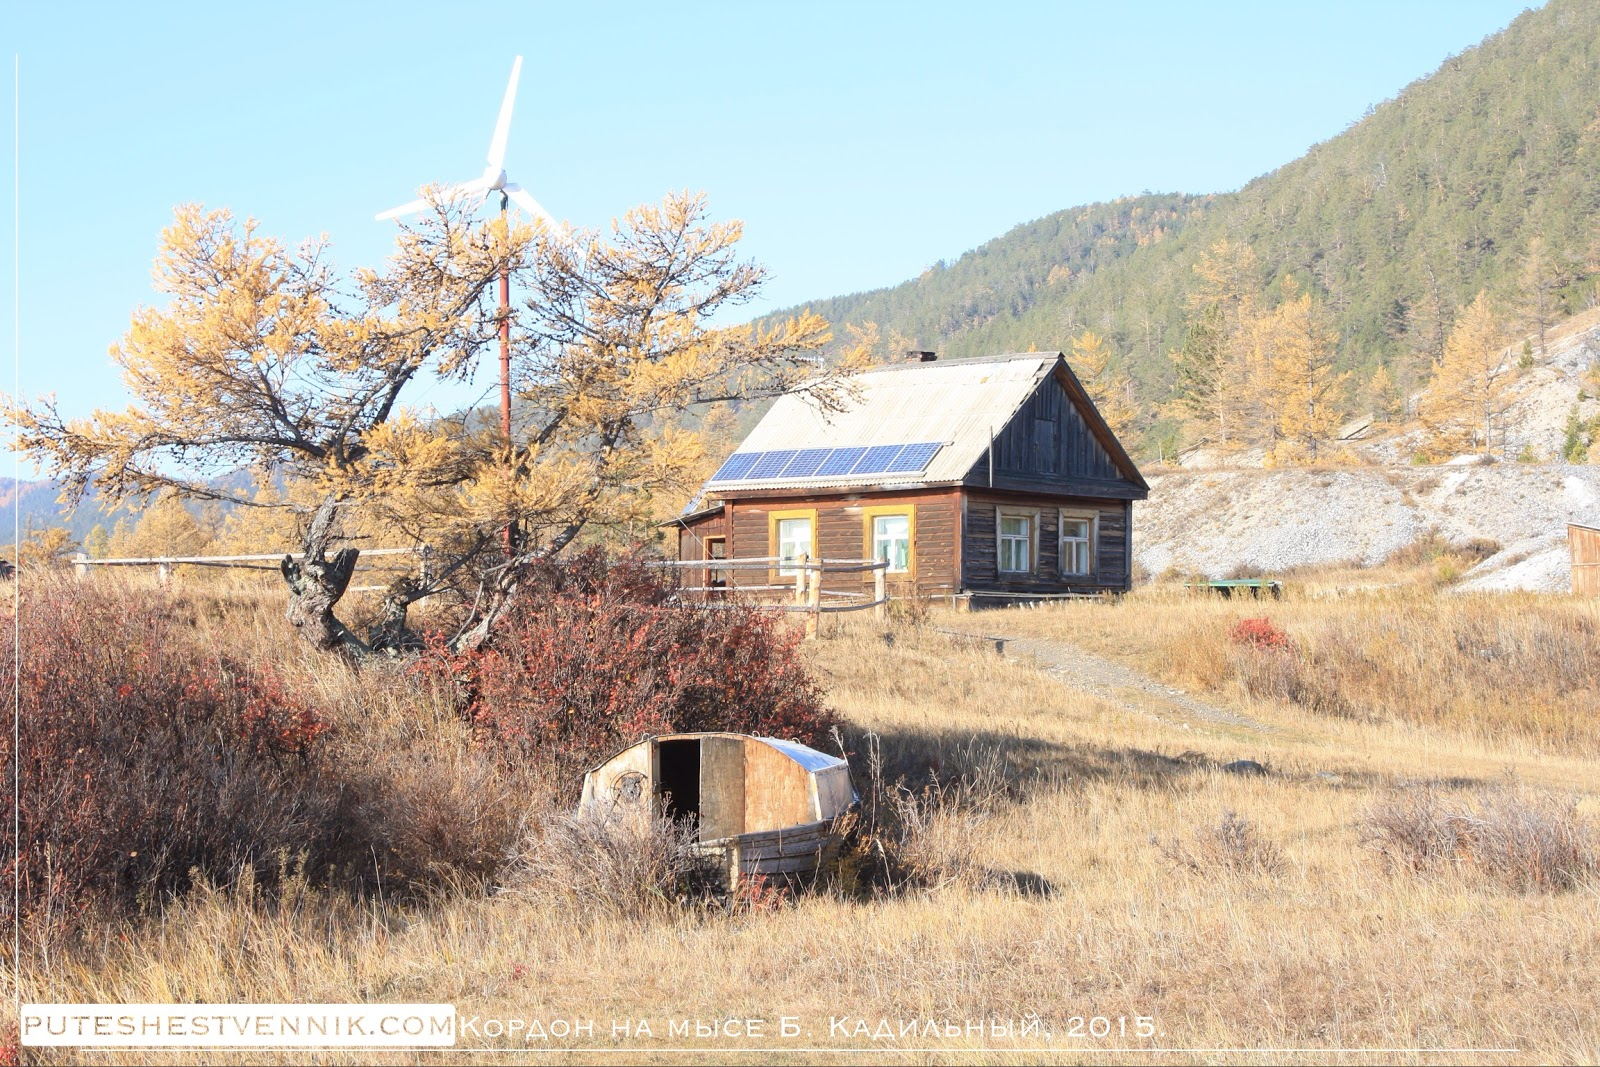 Лодка на суше и деревенский дом